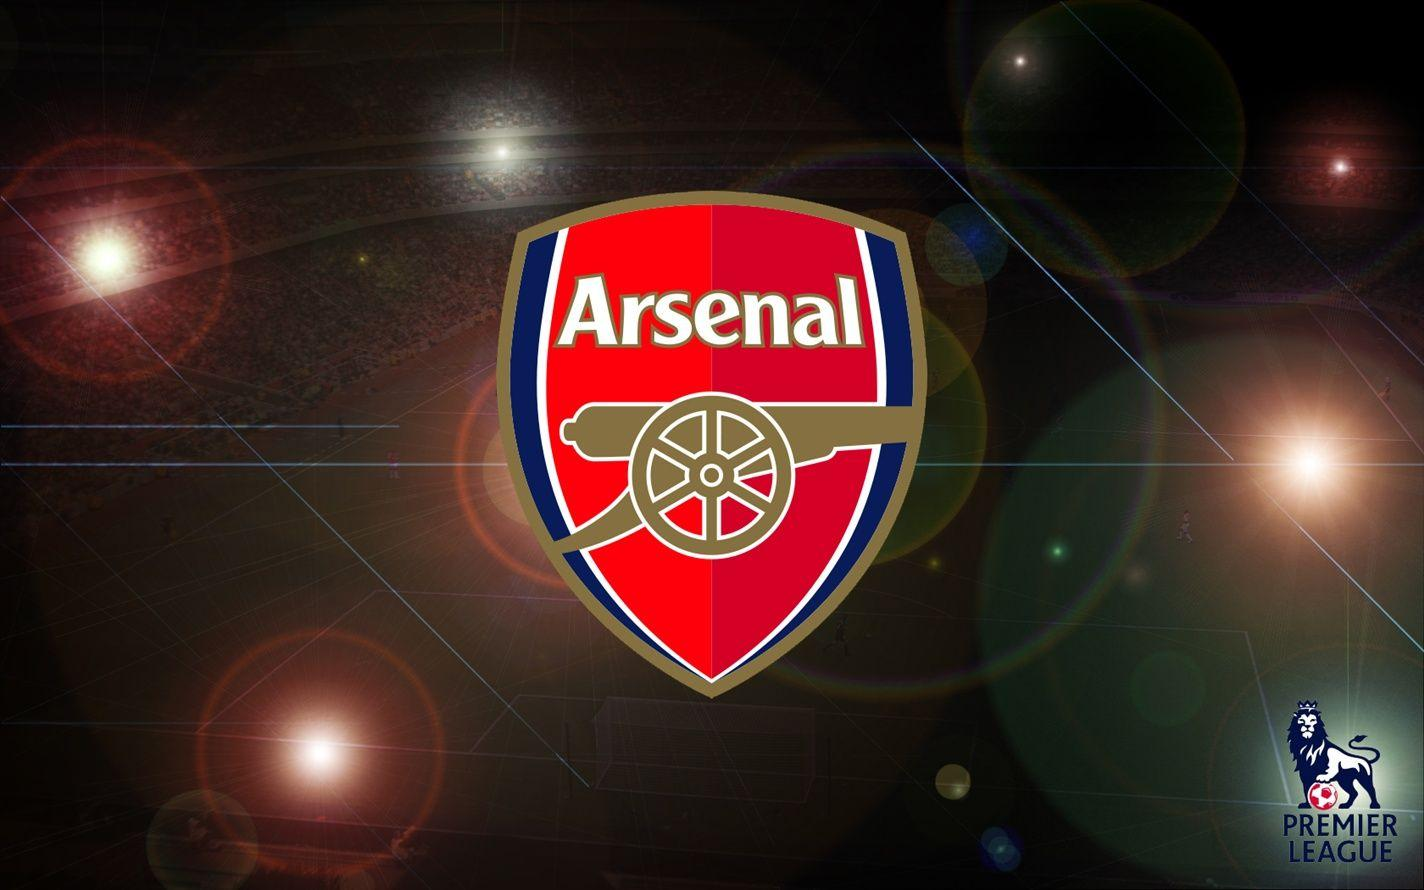 Nike Arsenal Wallpaper - WallpaperSafari